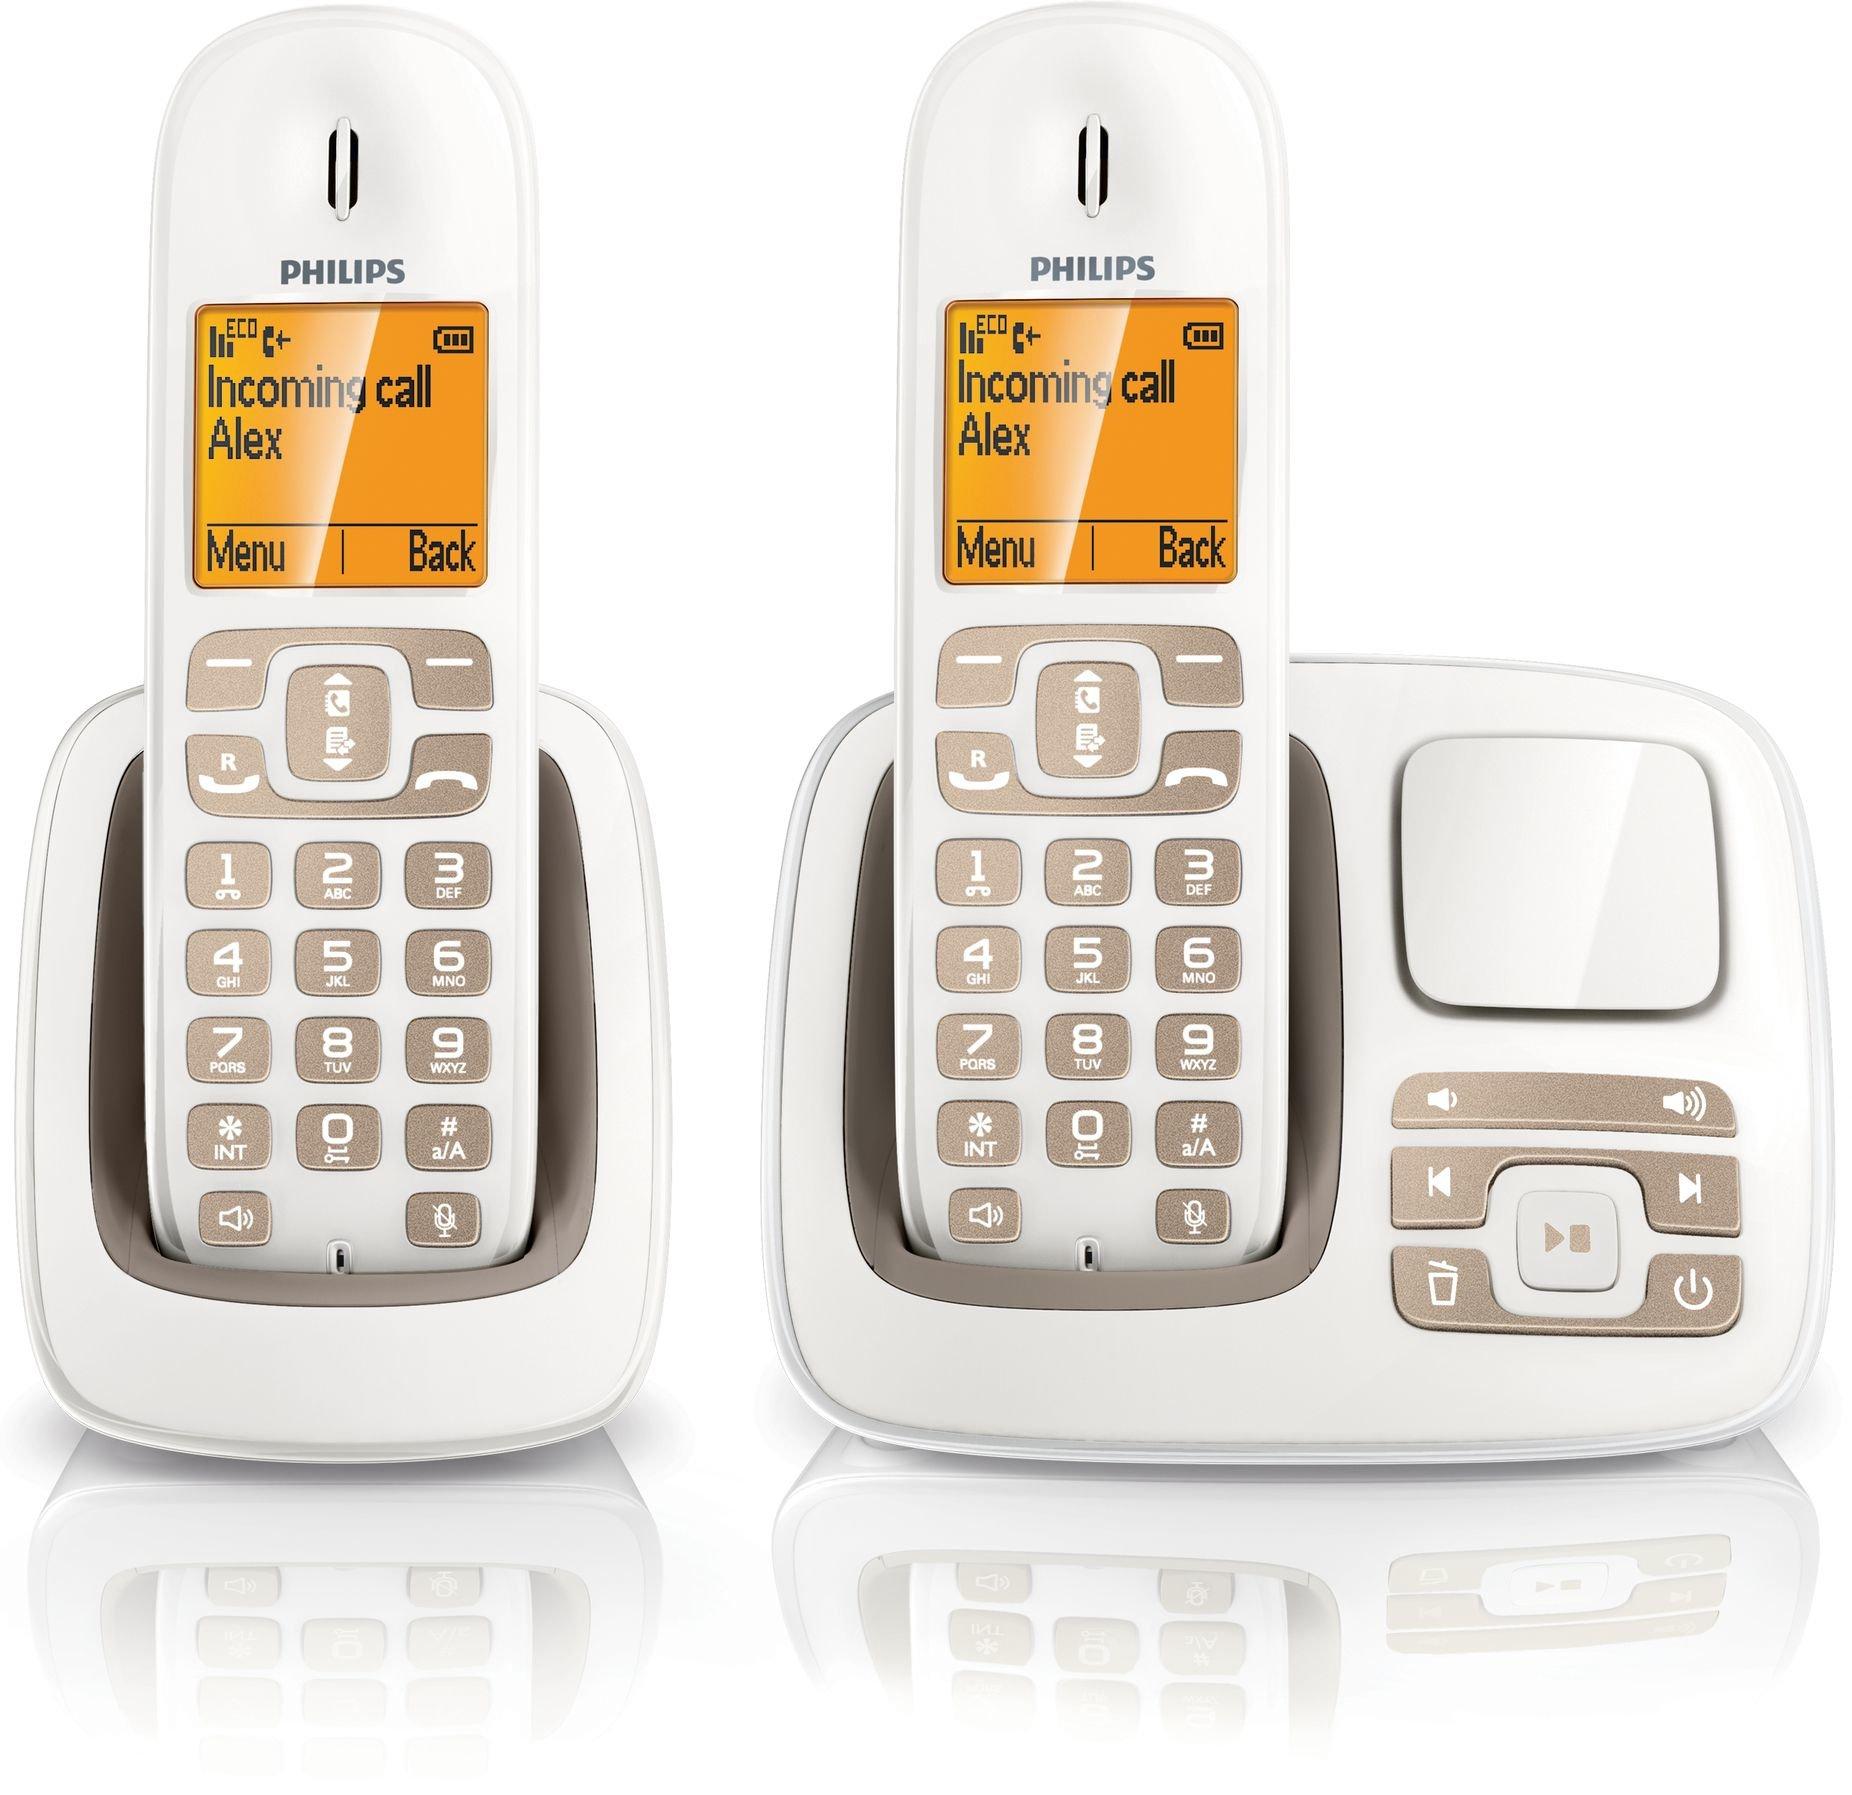 Philips - CD2952WB - Teléfono fijo inalámbrico con contestador, color blanco marfil [Importado de Francia]: Amazon.es: Electrónica